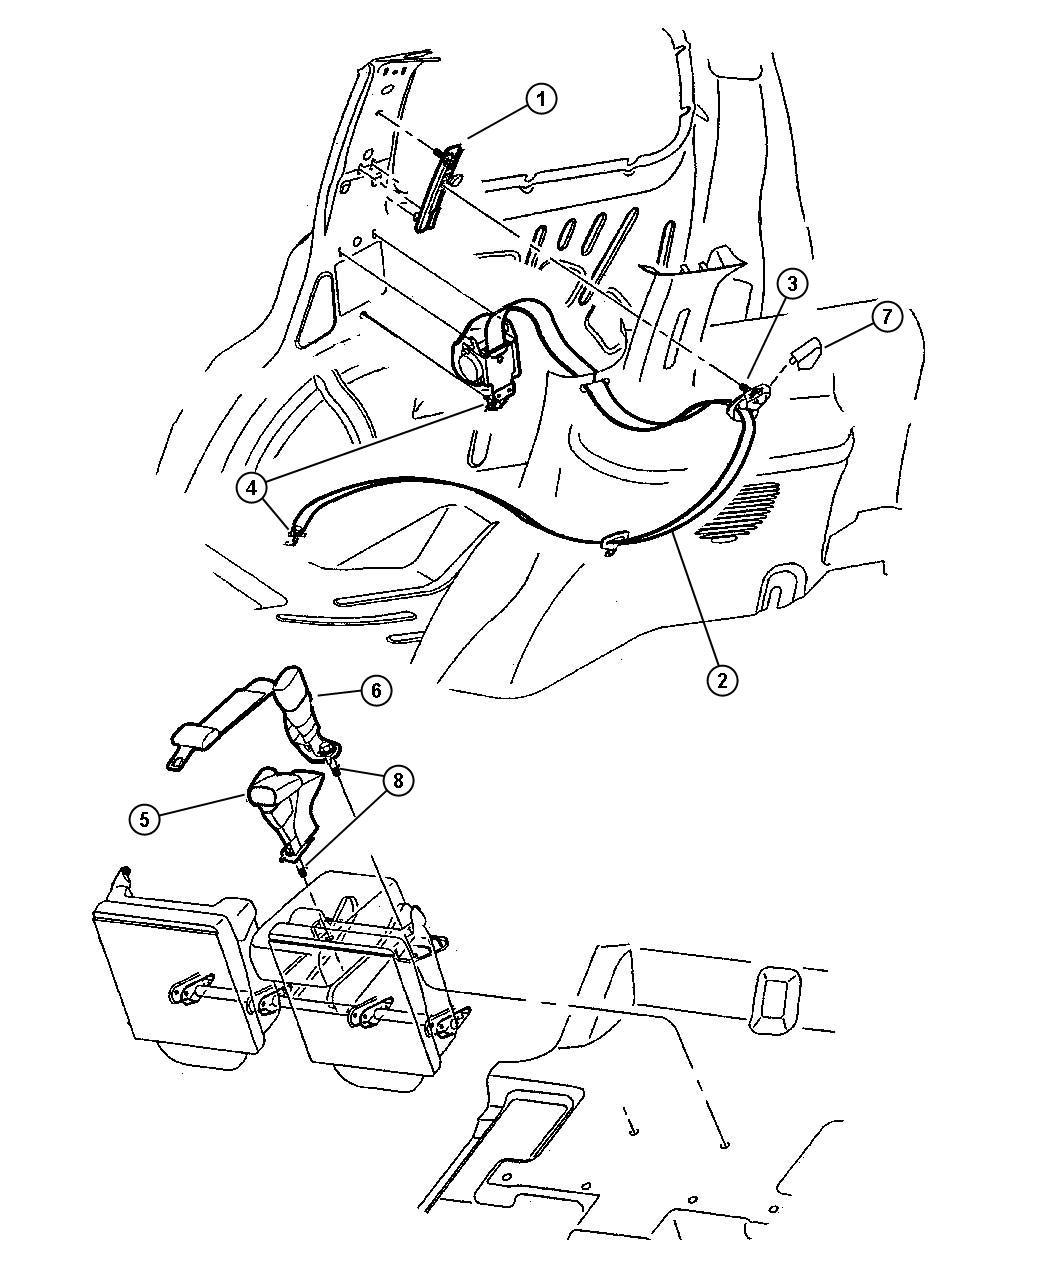 2008 Chrysler Sebring Seat belt. Rear inner. [dl, dv